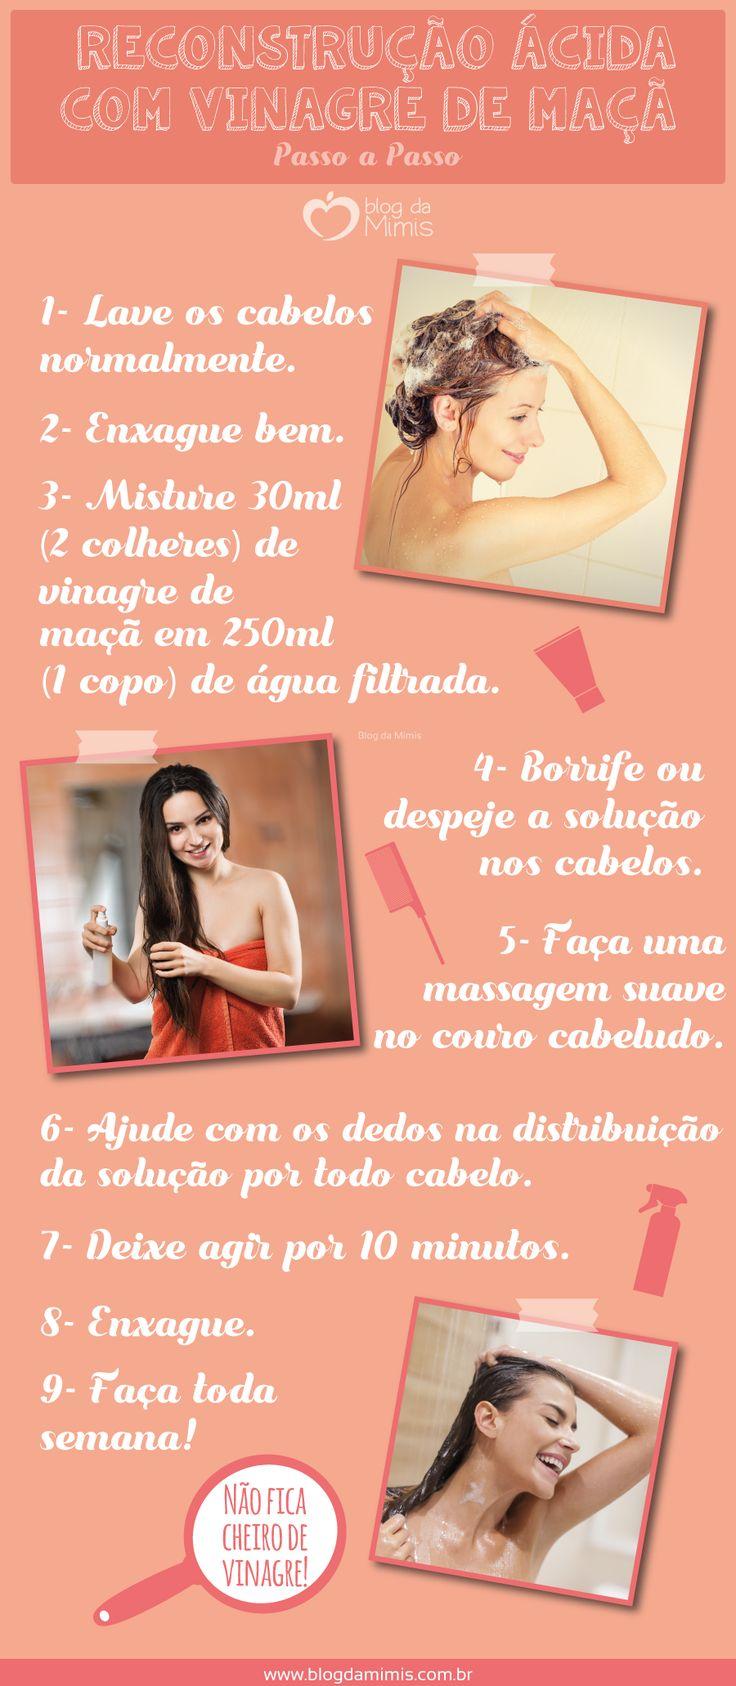 Salva-cabelos: reconstrução ácida com vinagre de maçã - Blog da Mimis #vinagre #maçã #cabelos #reconstrução #ácida #hair